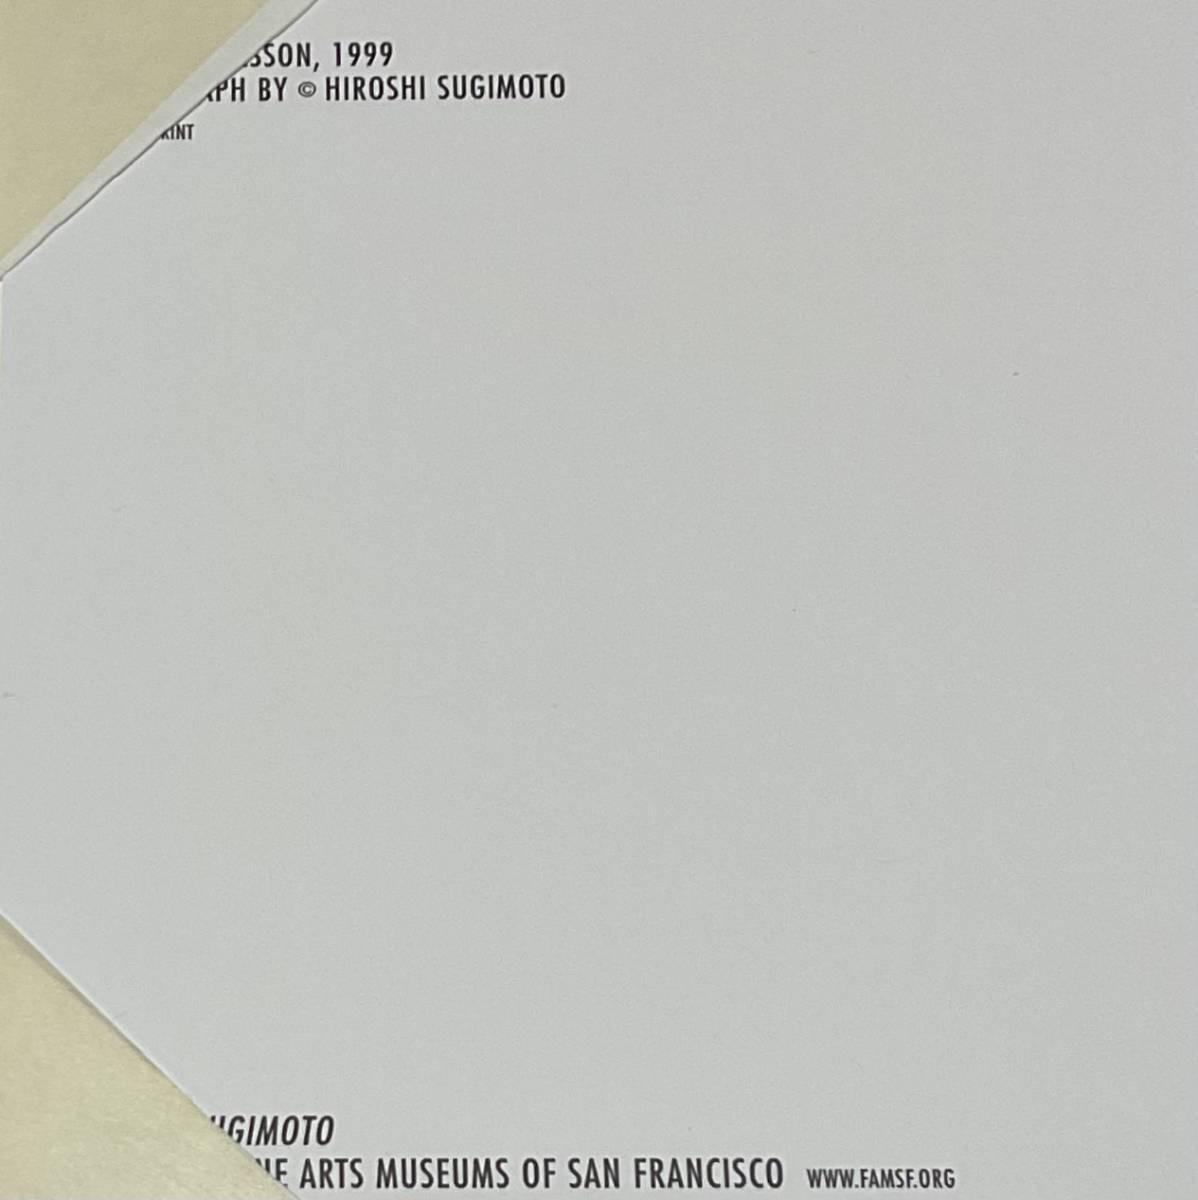 杉本博司 THE MUSIC LESSON 1999 杉本博司 Hiroshi Sugimoto 日本製新品額装 _画像8